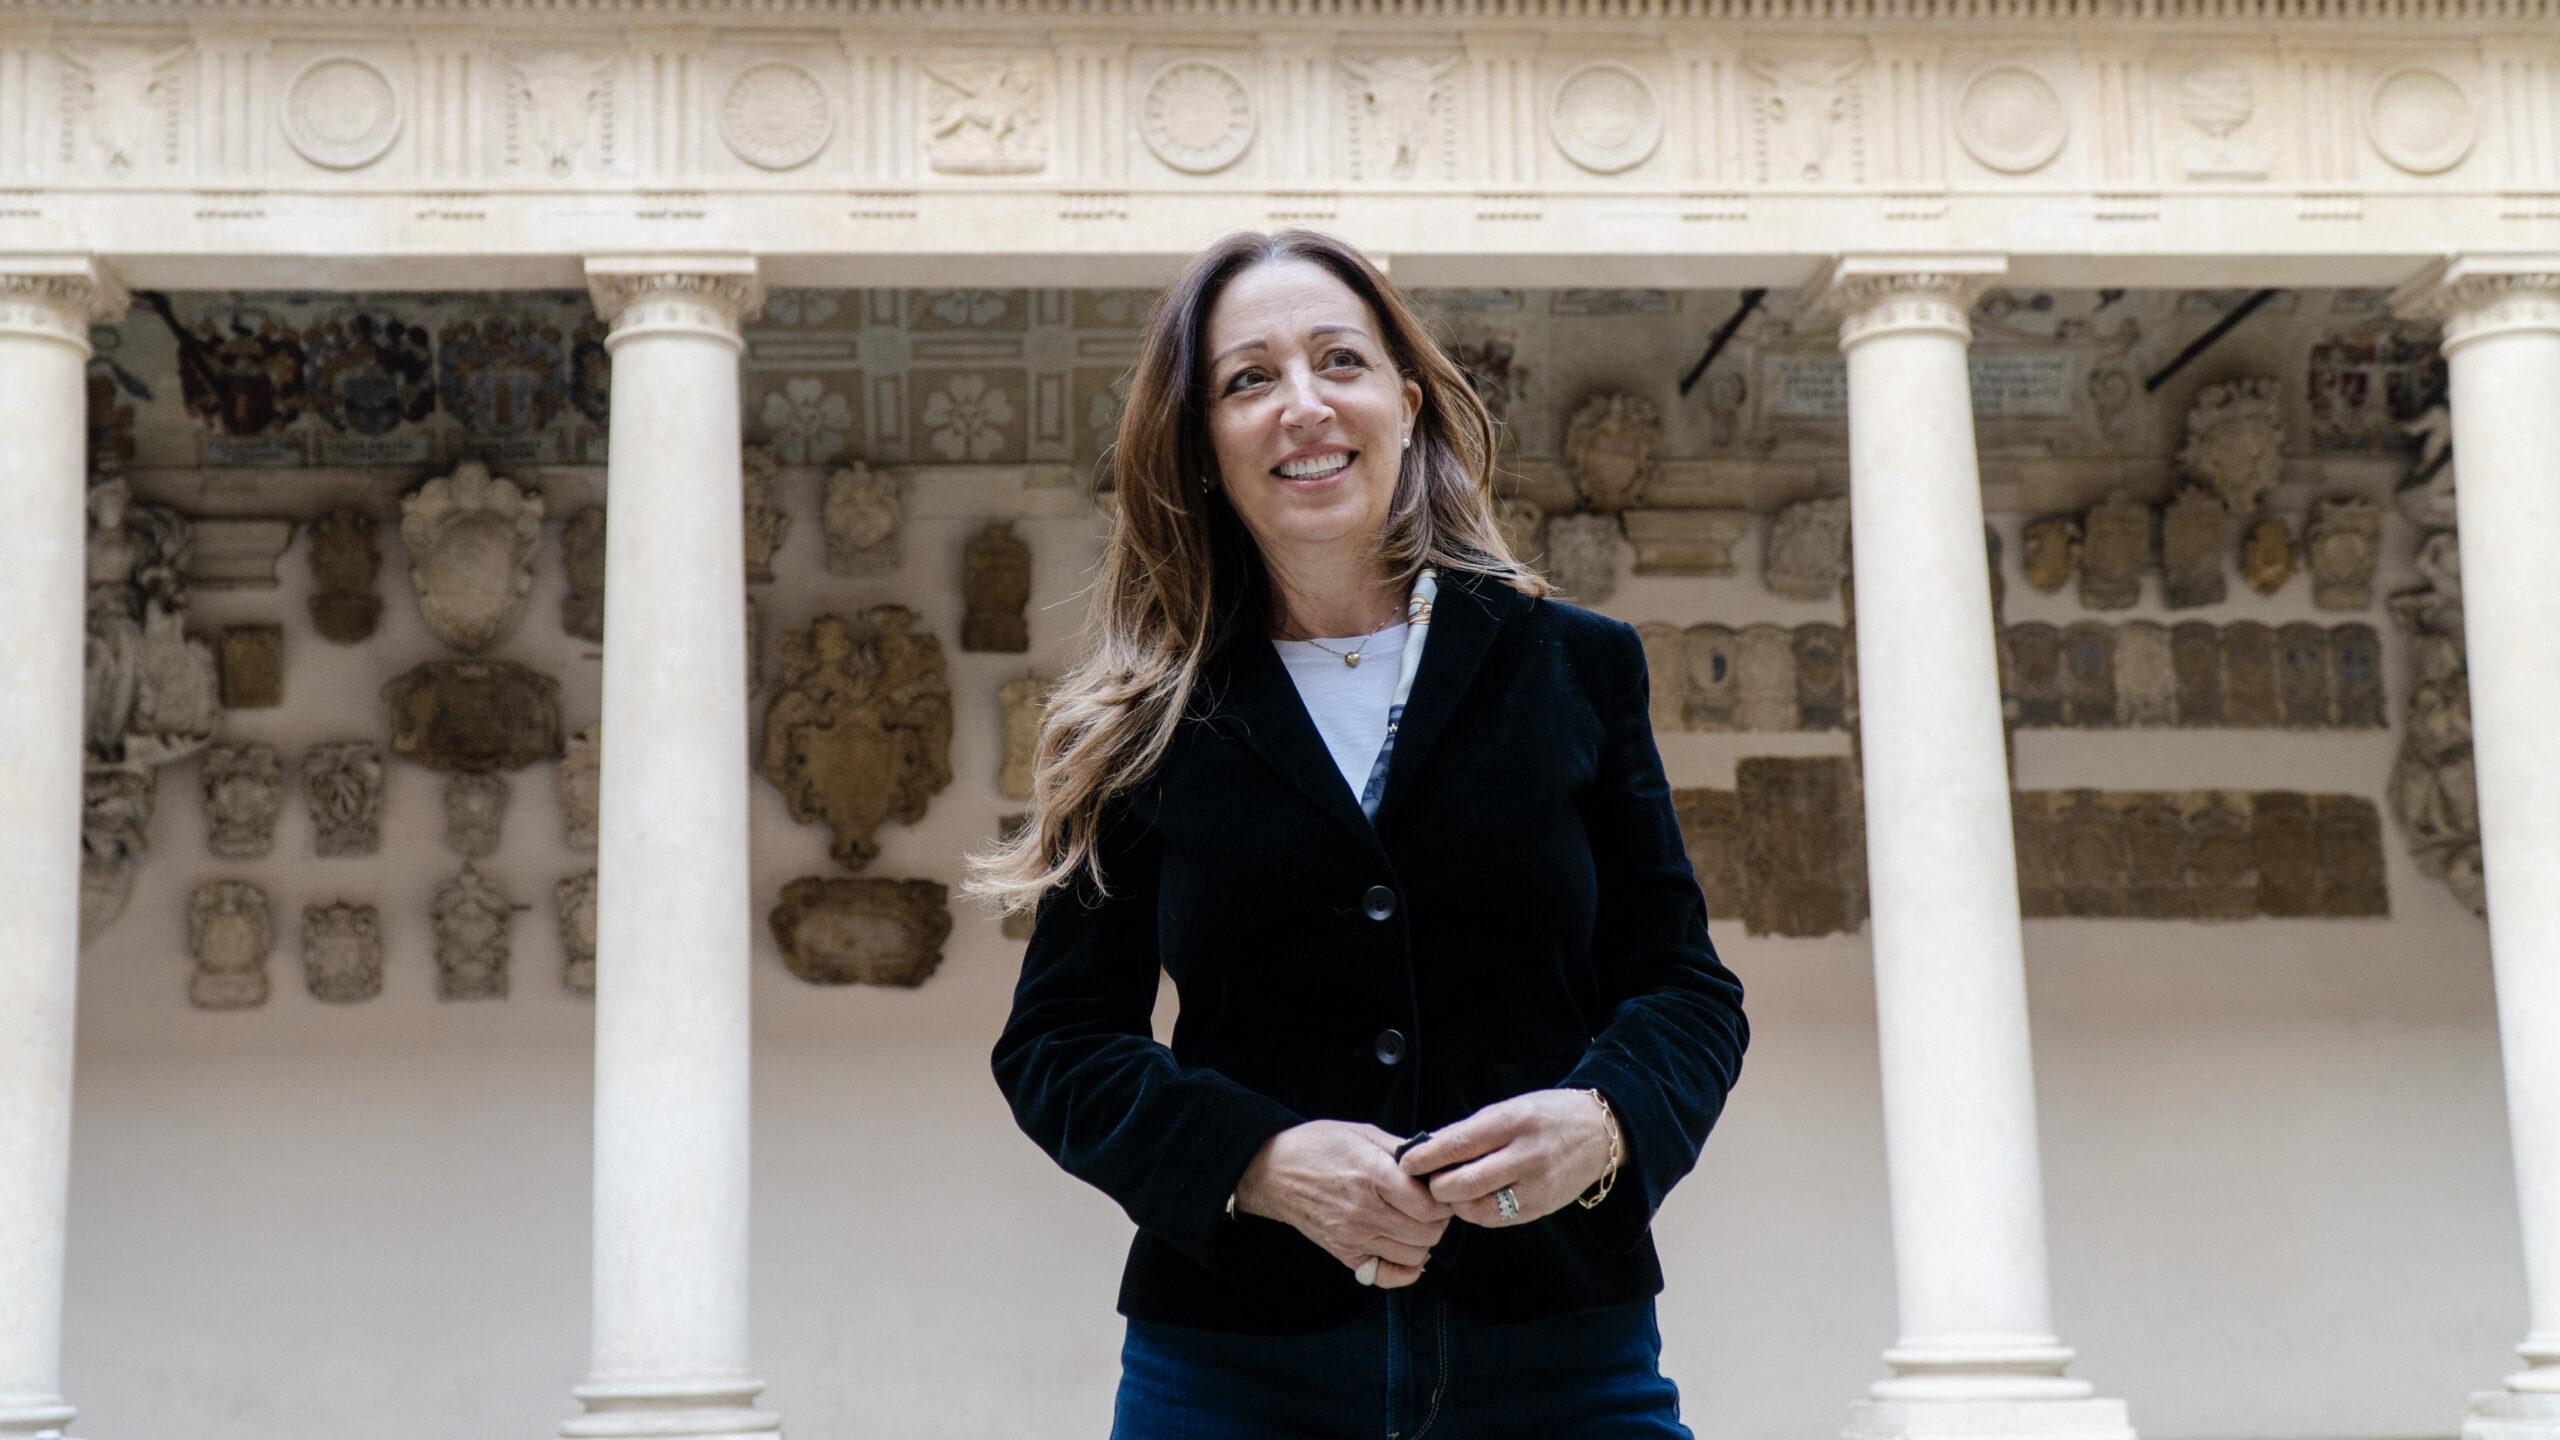 Le motivazioni di Daniela Mapelli per la sua candidatura nelle elezioni 2021 a rettrice dell'Università degli Studi di Padova (unipd): mettere la persona al centro di un'Università inclusiva, basata sulla trasparenza e coerenza, per creare un futuro sostenibile.